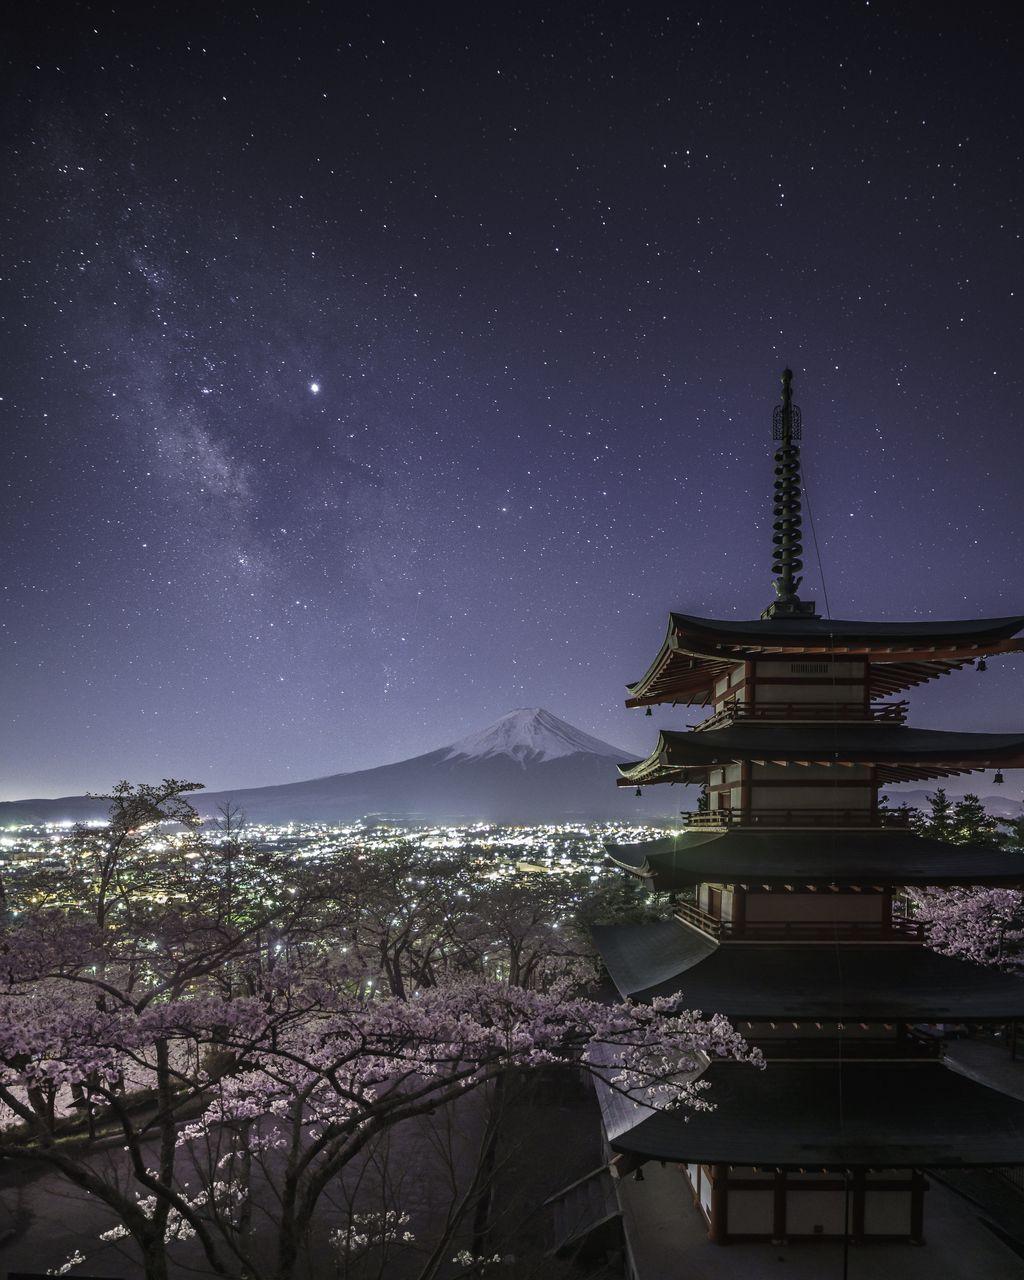 Từ Chùa Chureito, nhiếp ảnh gia Yukihito Ono đã chụp được dải Ngân Hà tuyệt đẹp chạy dọc theo bầu trời và dừng chân ở đỉnh núi Phú Sĩ phía xa.